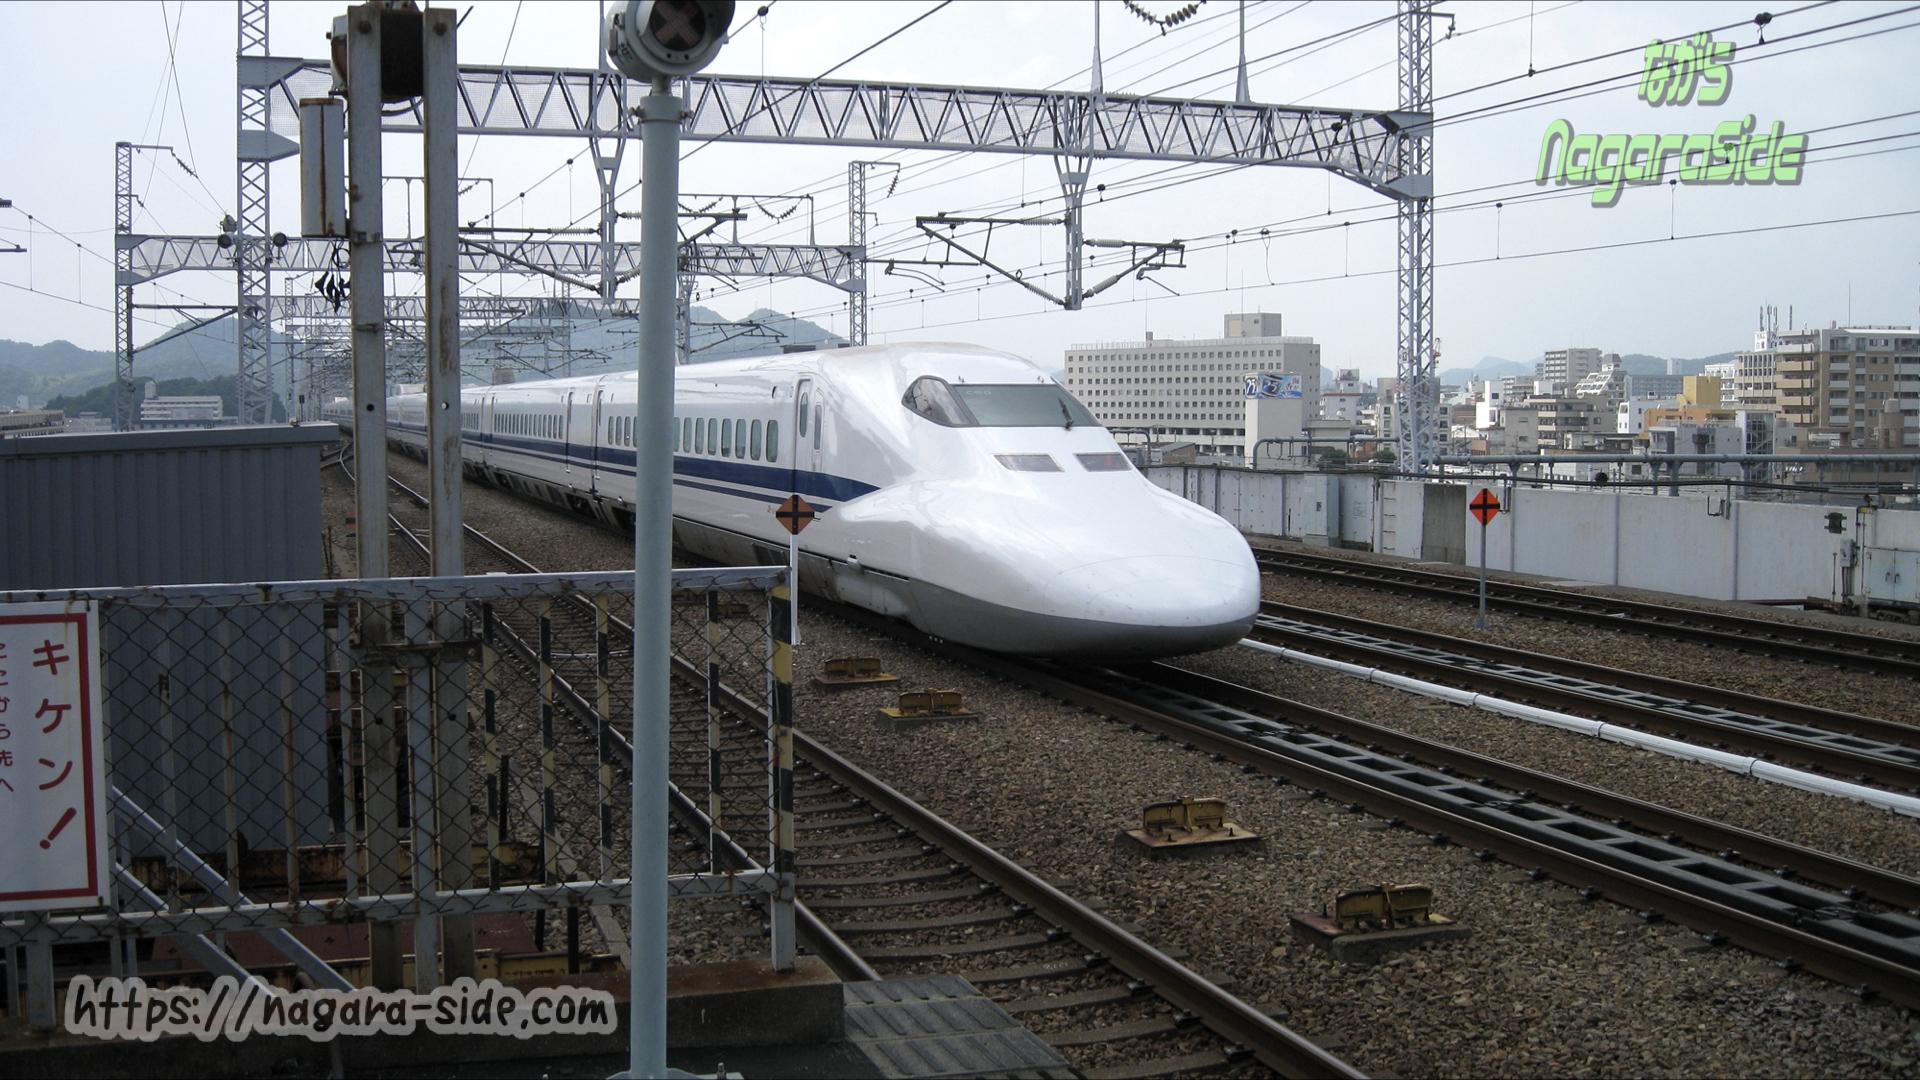 姫路駅を通過する700系新幹線のぞみ運用